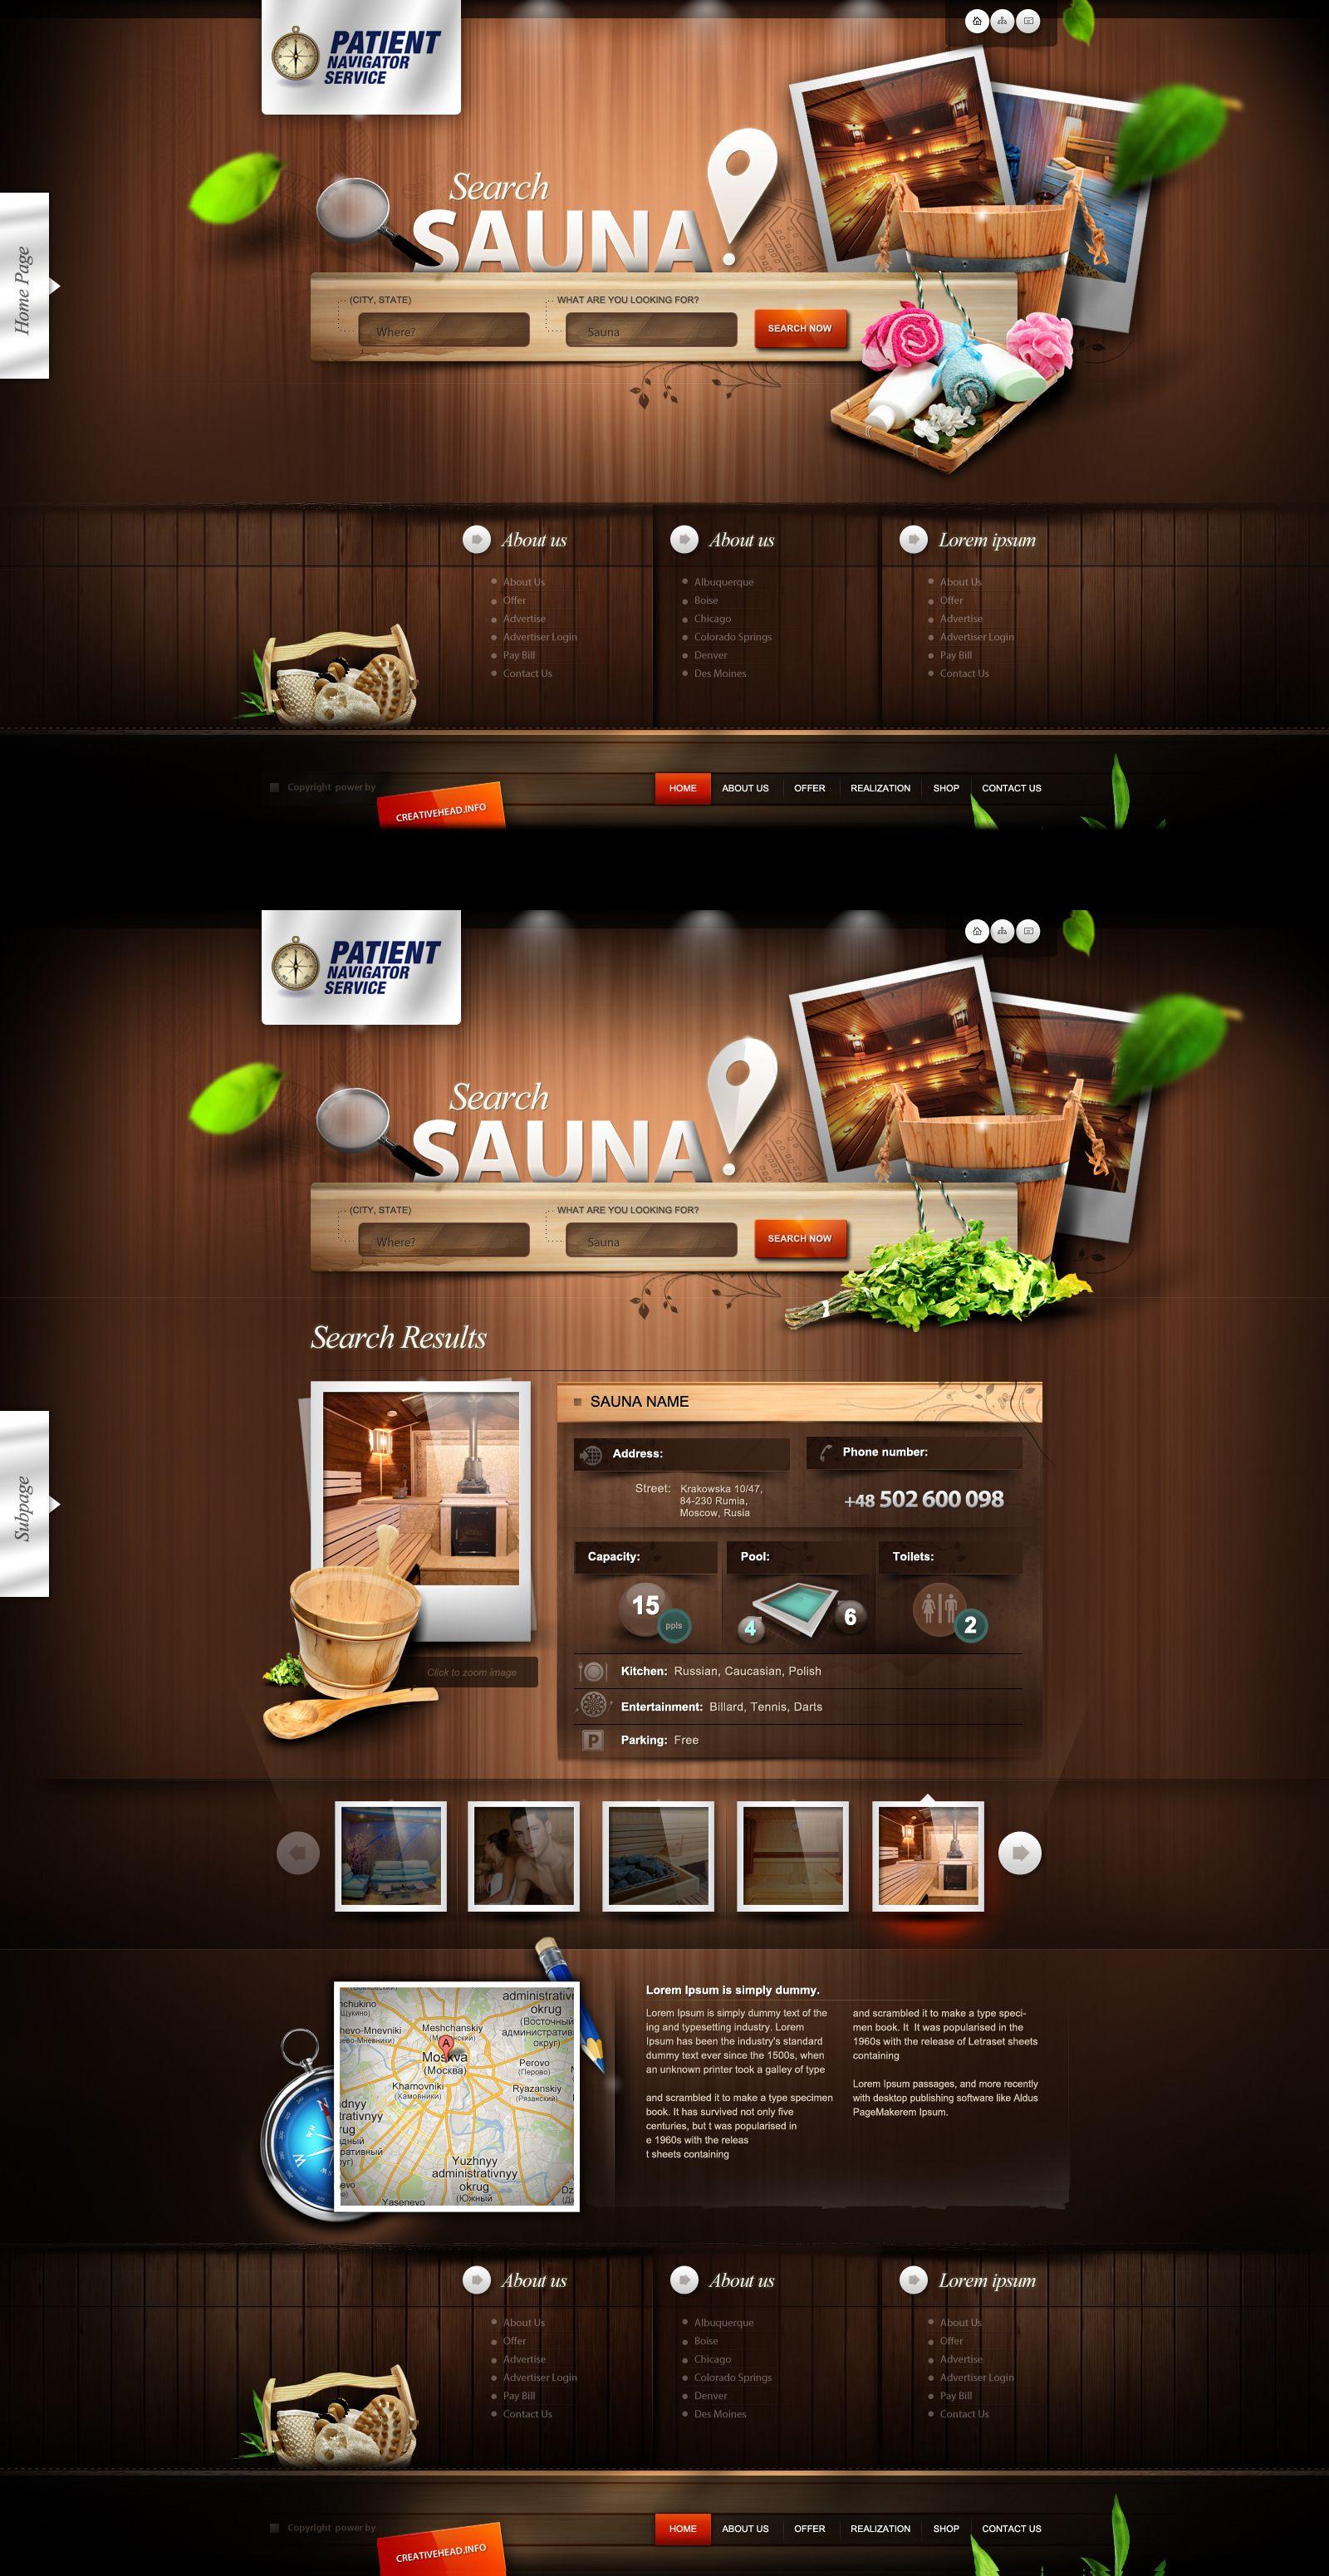 Patient Navigator Service Sauna Website Ver2 By Webdesigner1921 Deviantart Com On D Website Design Wordpress Wordpress Web Design Wordpress Theme Design